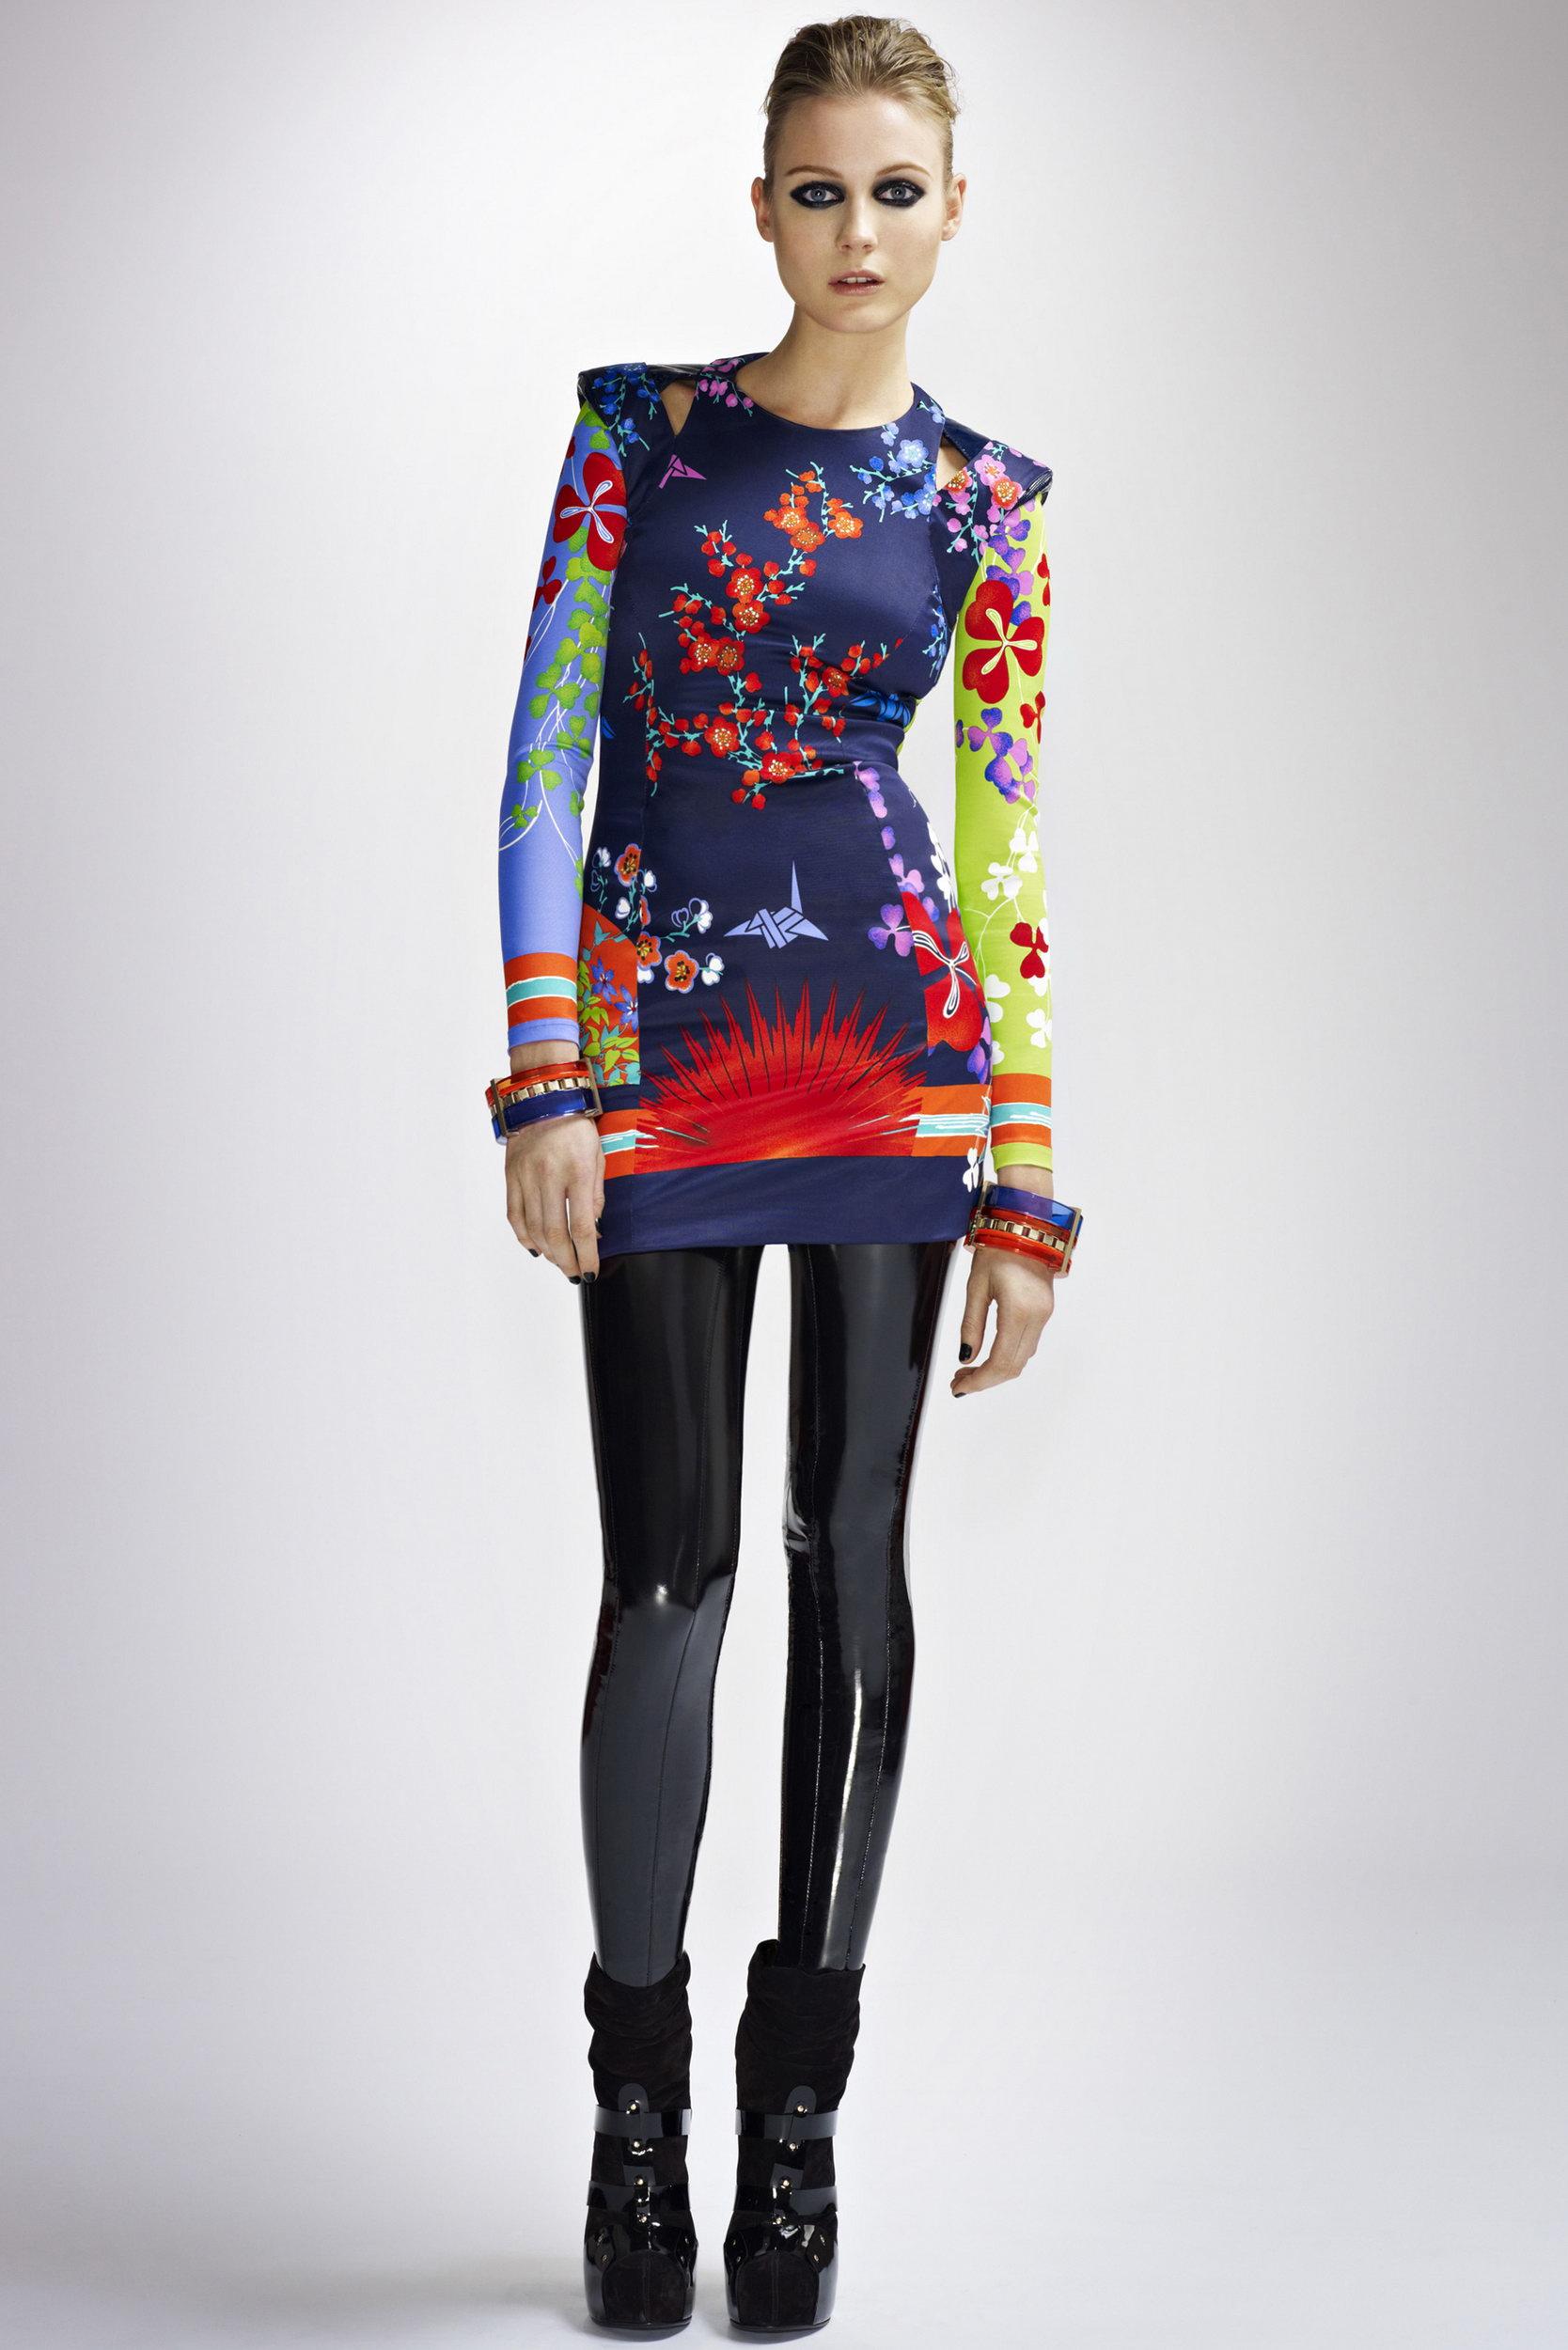 Дизайн рекламы / Интересное / Мода осень - зима 2010 - 2011: DKNY (коллекция молодежной женской одежды) Американский бренд DKNY п